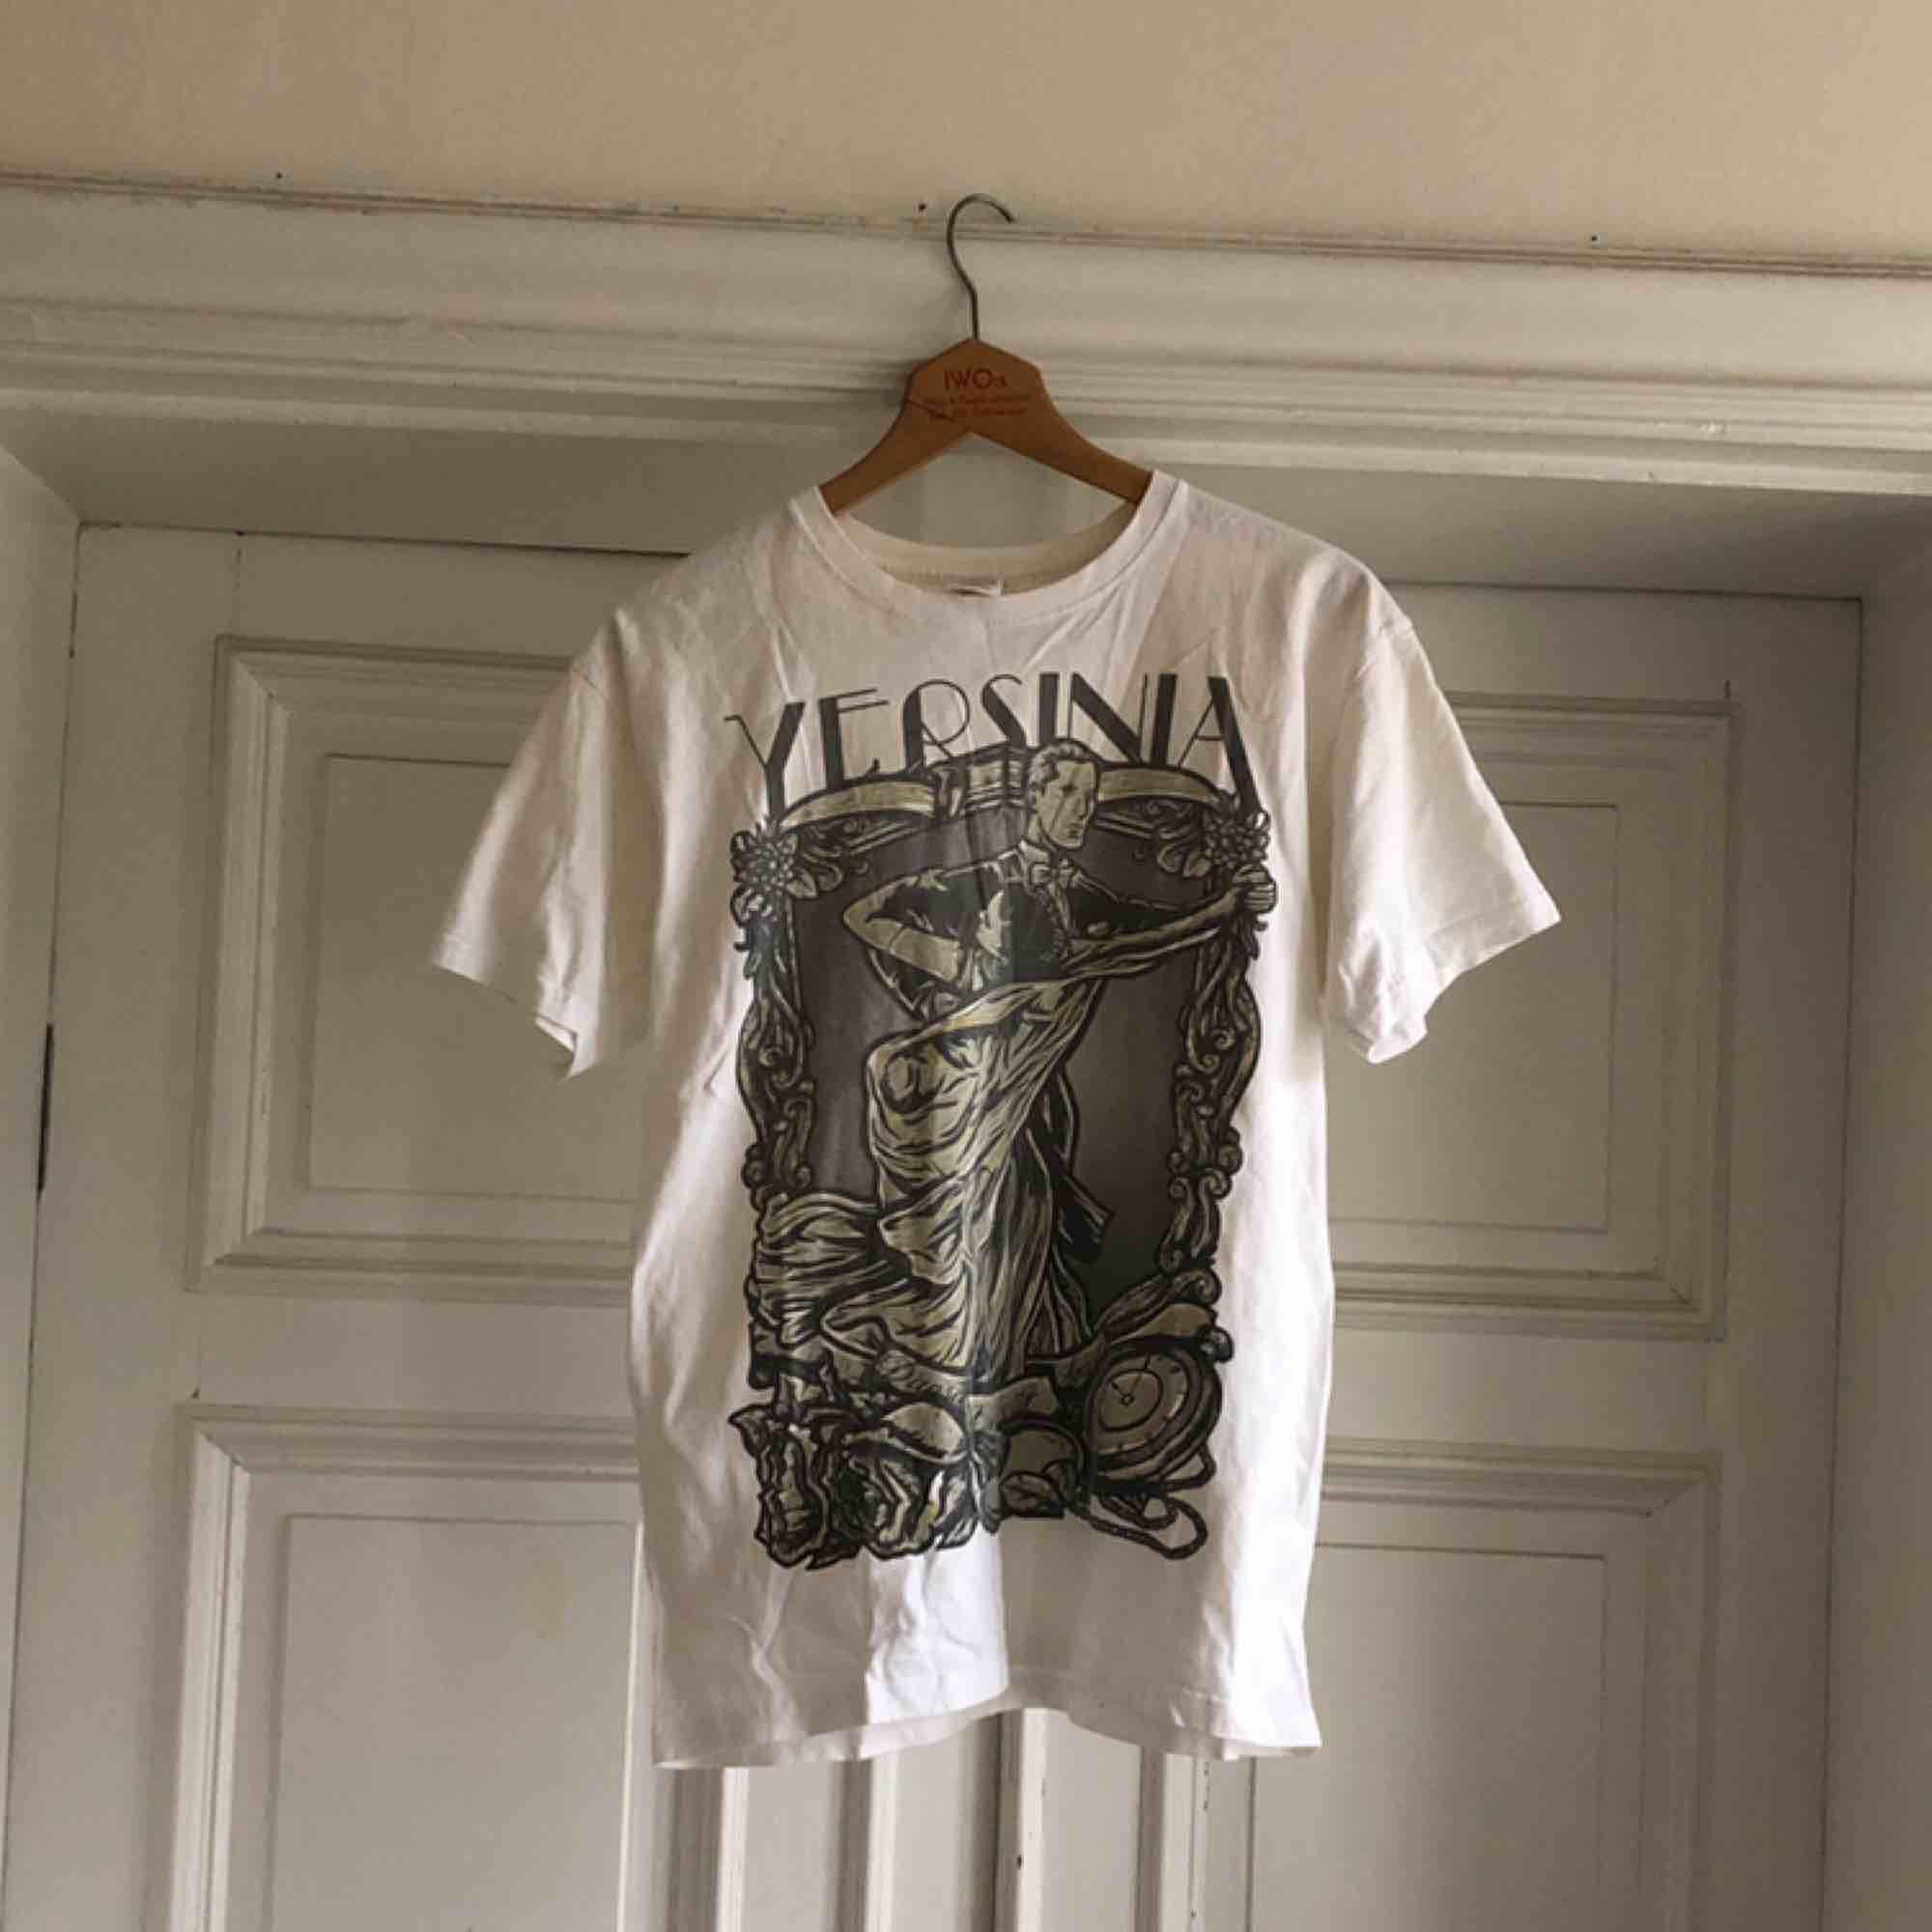 Yersinia bandtröja. Trevligt använt skick. Urtvättad. Kan hämtas i Uppsala eller skickas mot fraktkostnad . T-shirts.